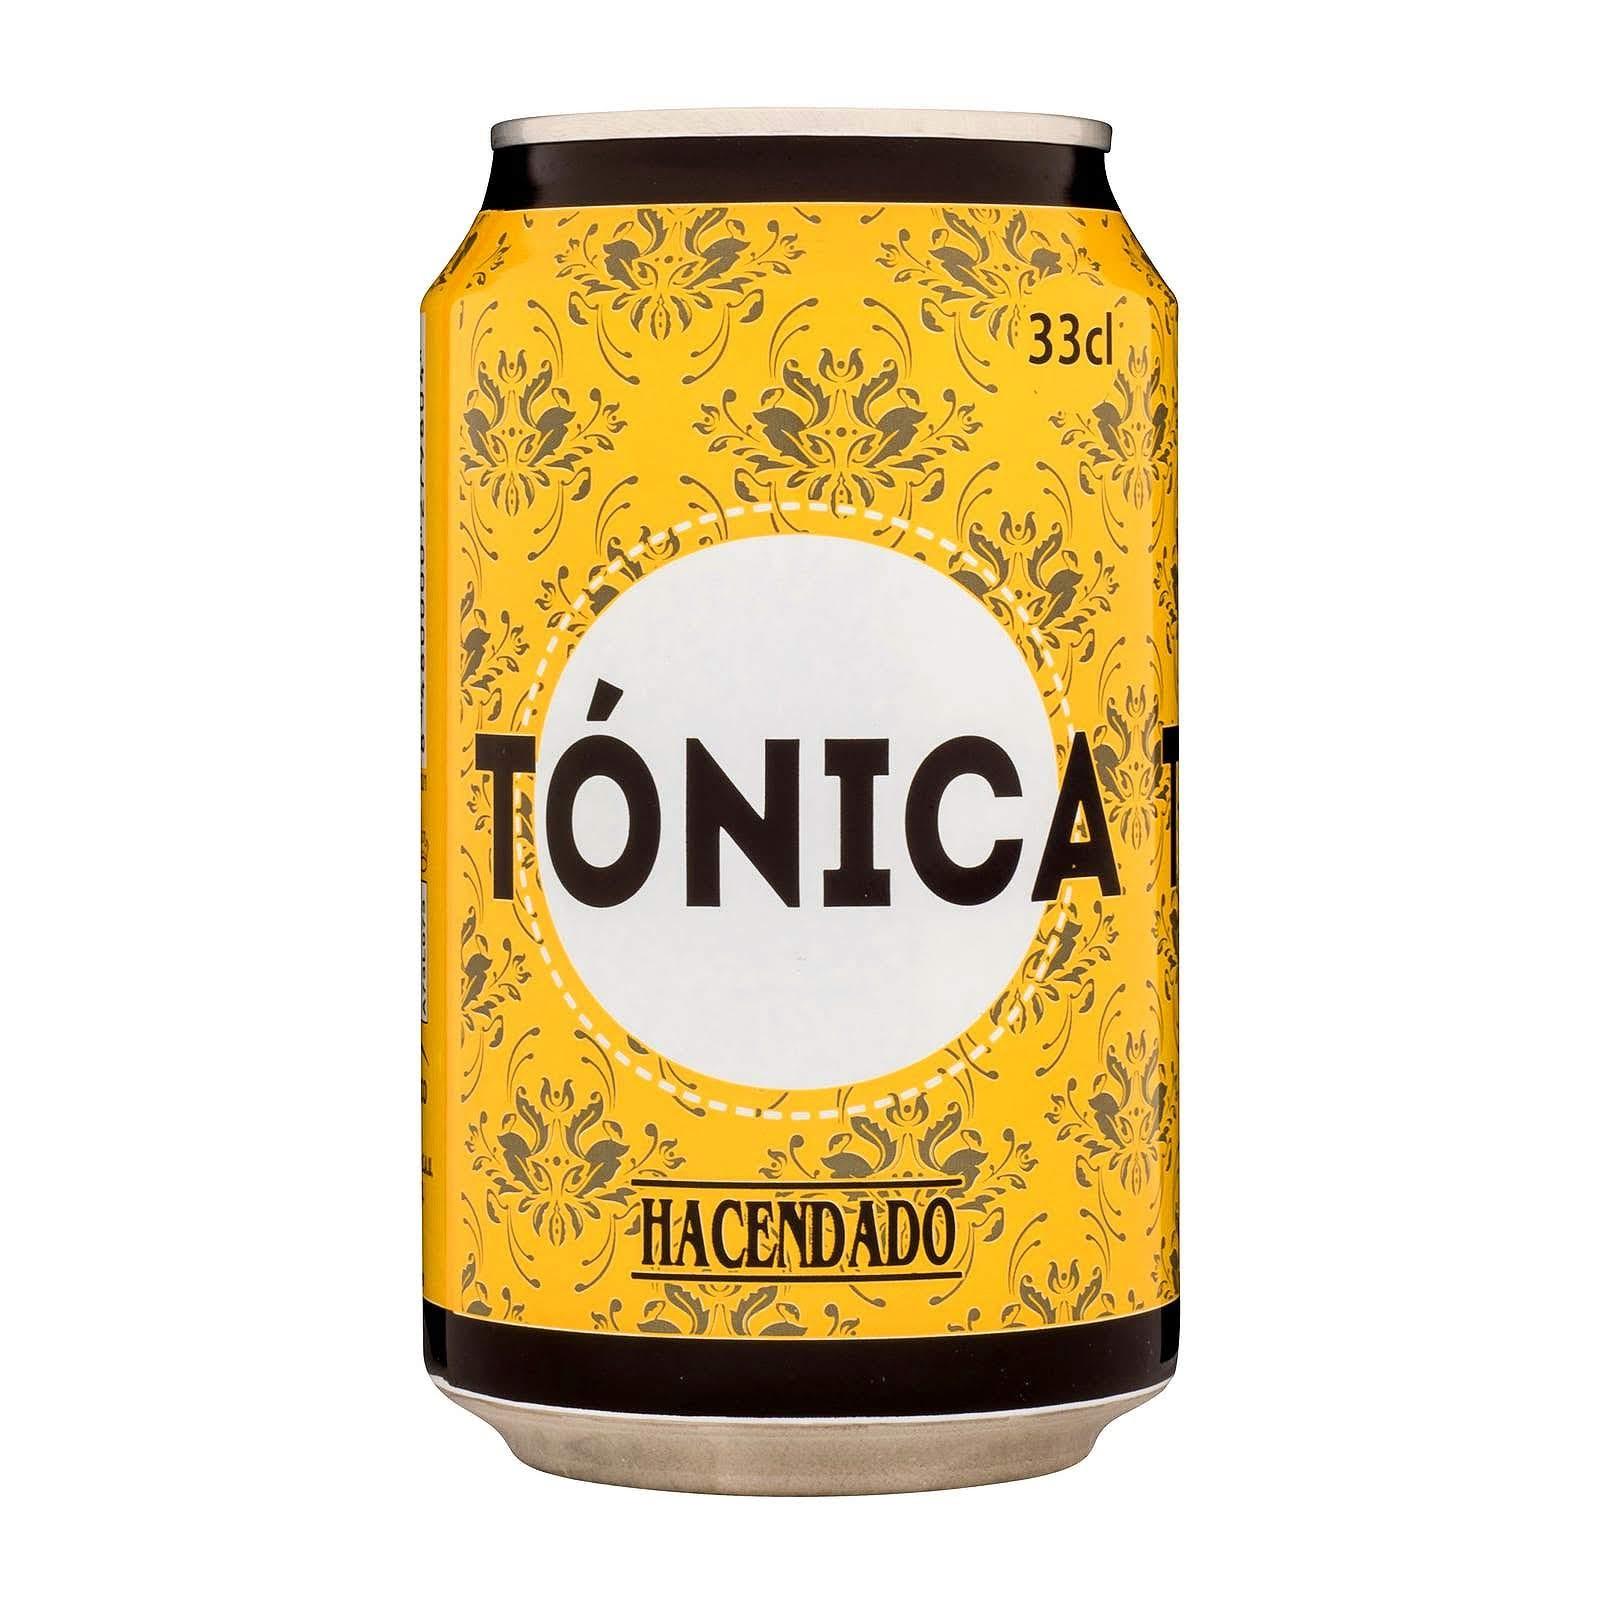 tonica-hacendado-mercadona-1